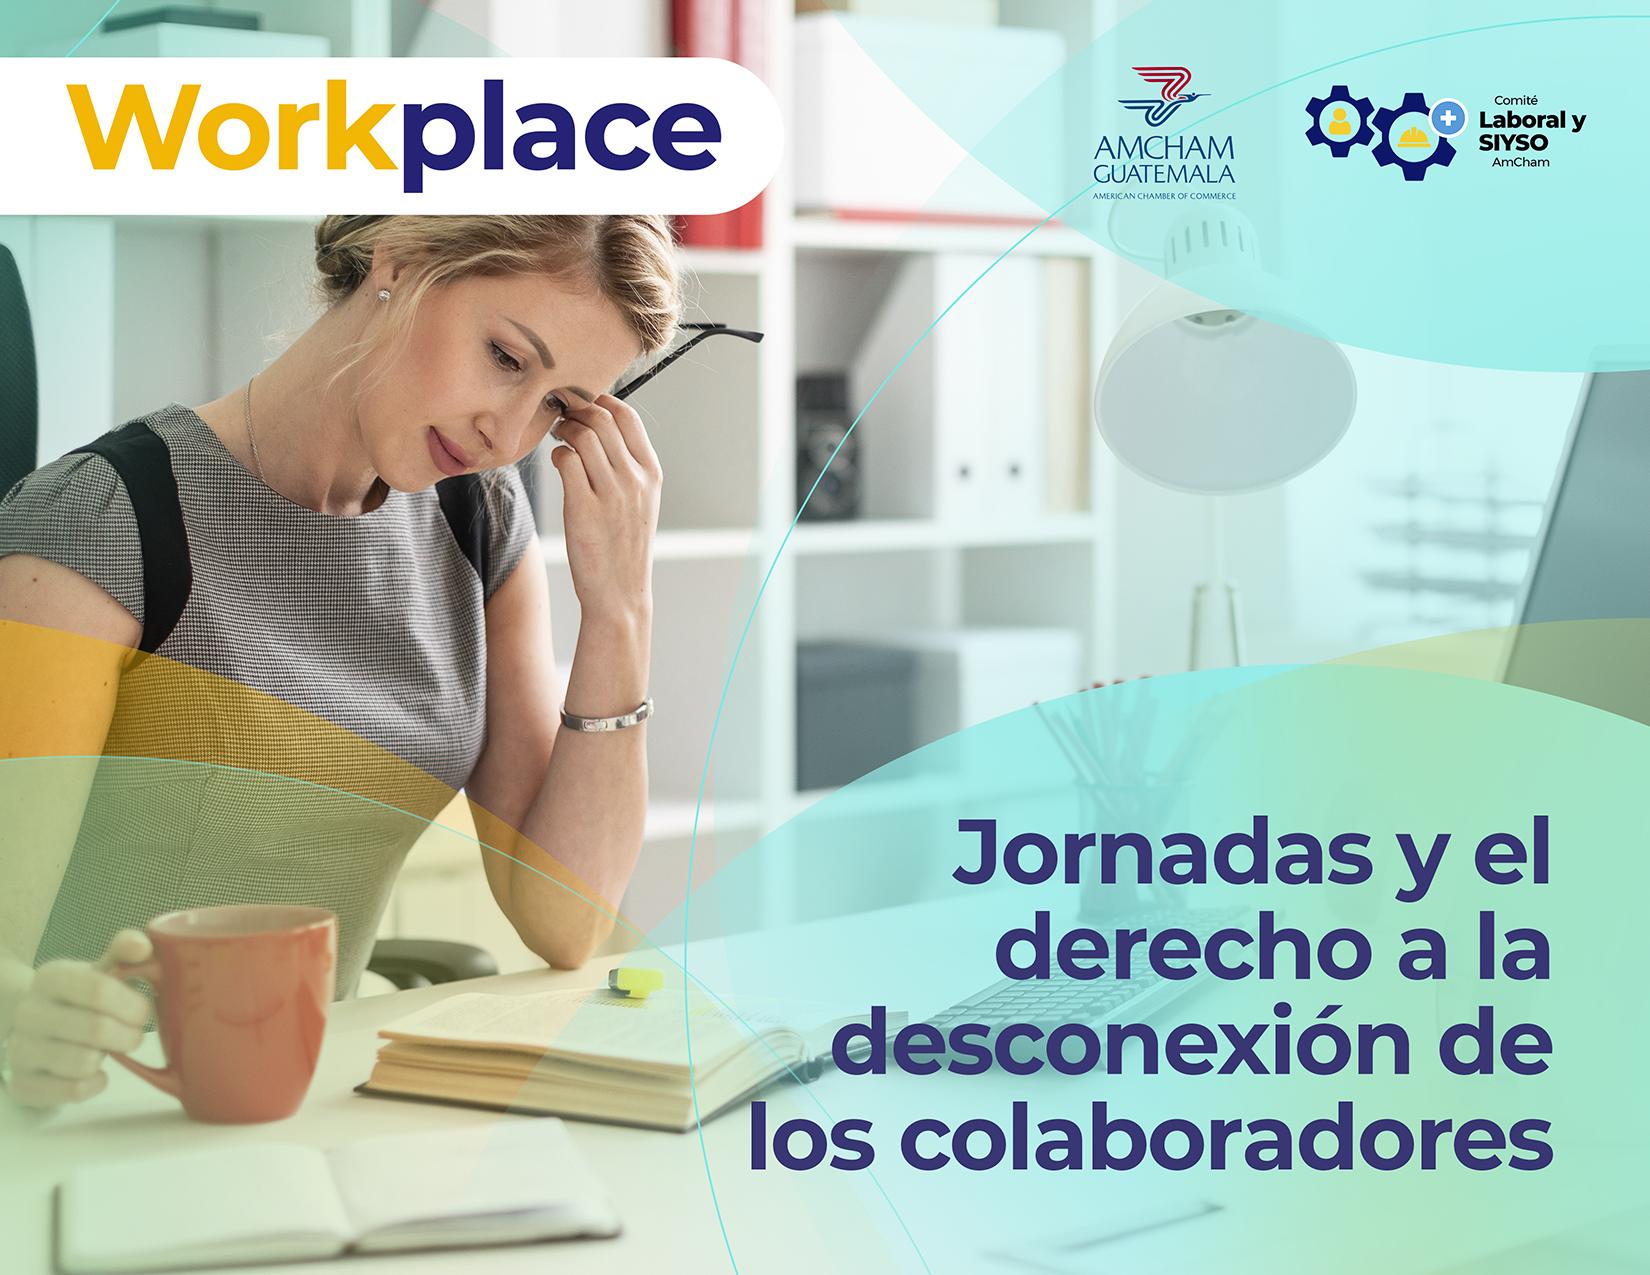 Boletín Workplace julio 2021